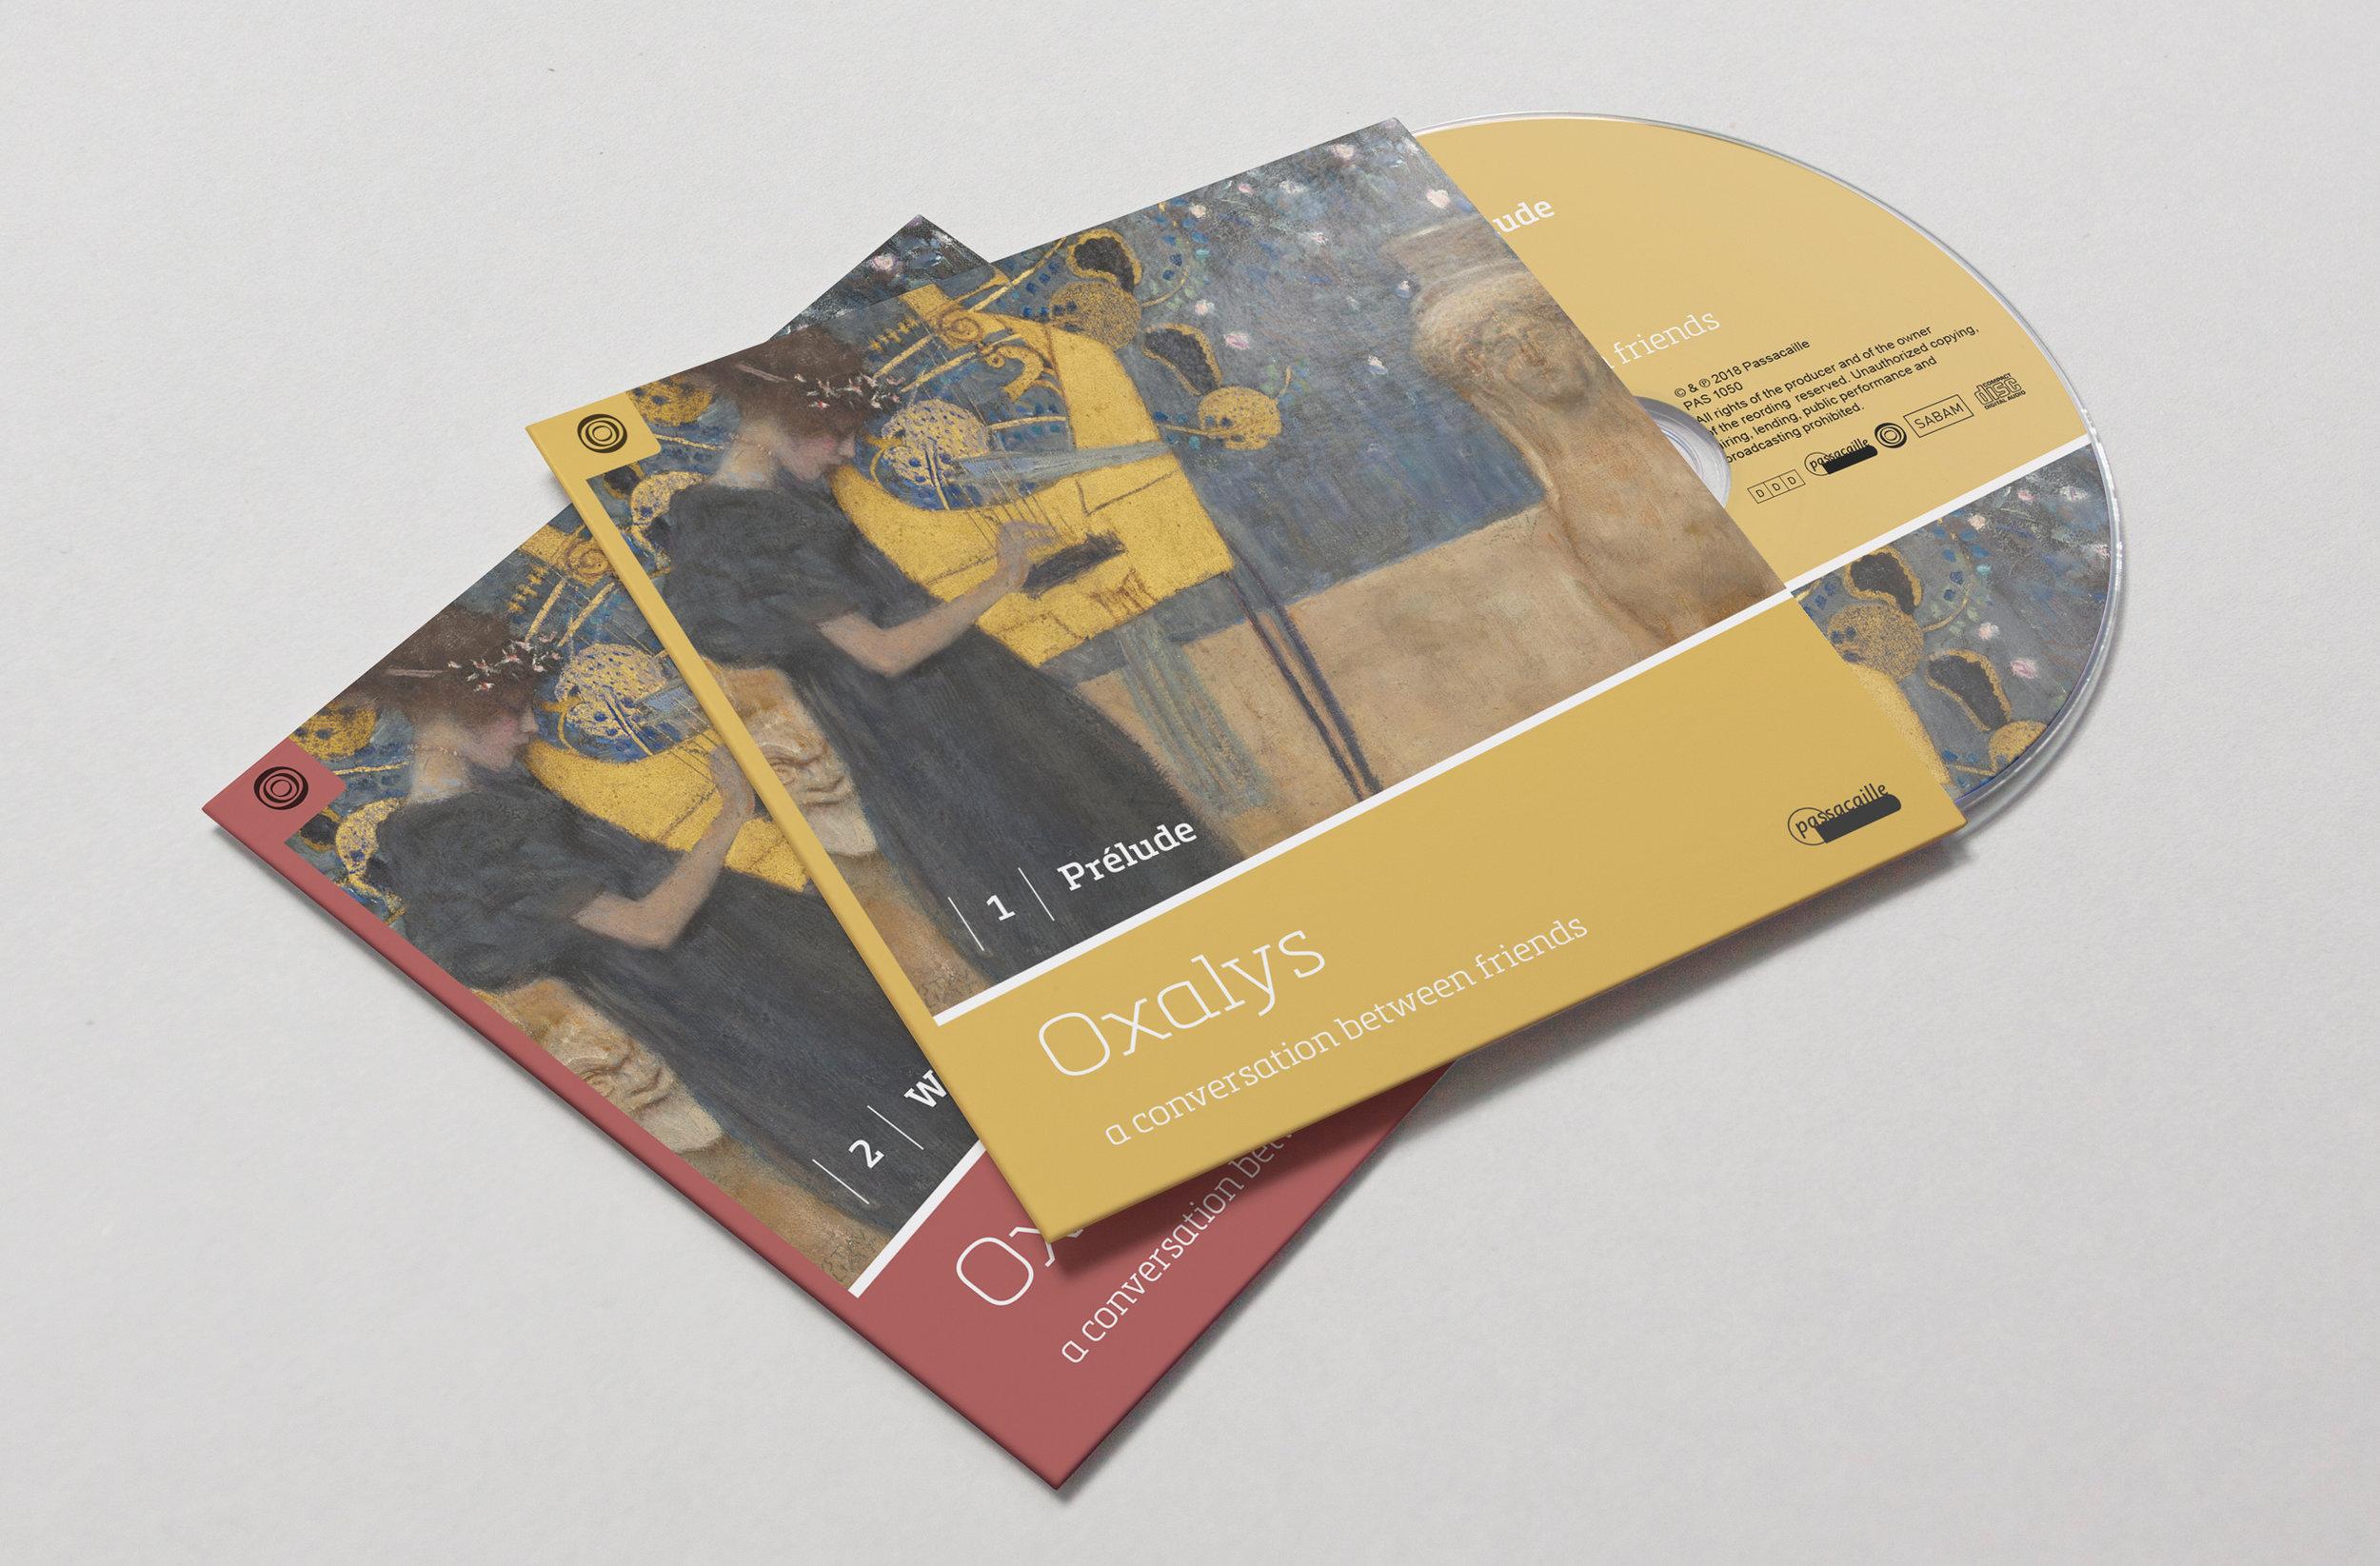 CD-hoesjes 'Oxalys 25 jaar'